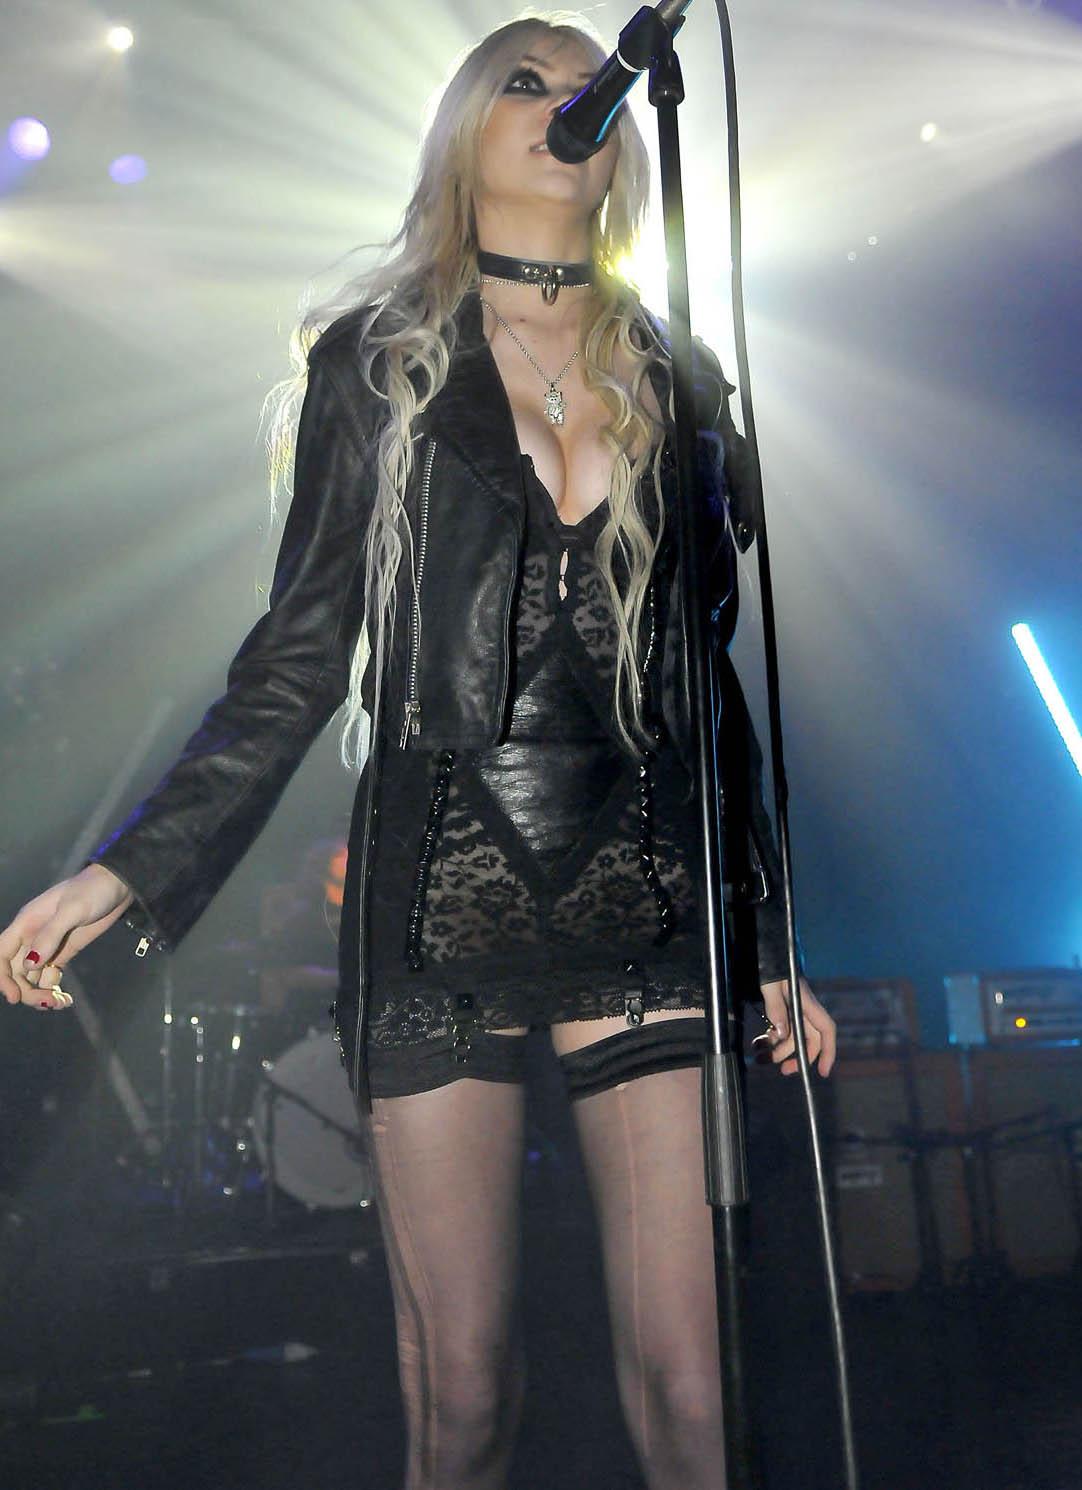 http://1.bp.blogspot.com/_1p71IykE0UE/TQwpw5ED73I/AAAAAAAARdo/akQNY16Z1gE/s1600/8+Taylor+Momsen+Live+Concert+Stills.jpg